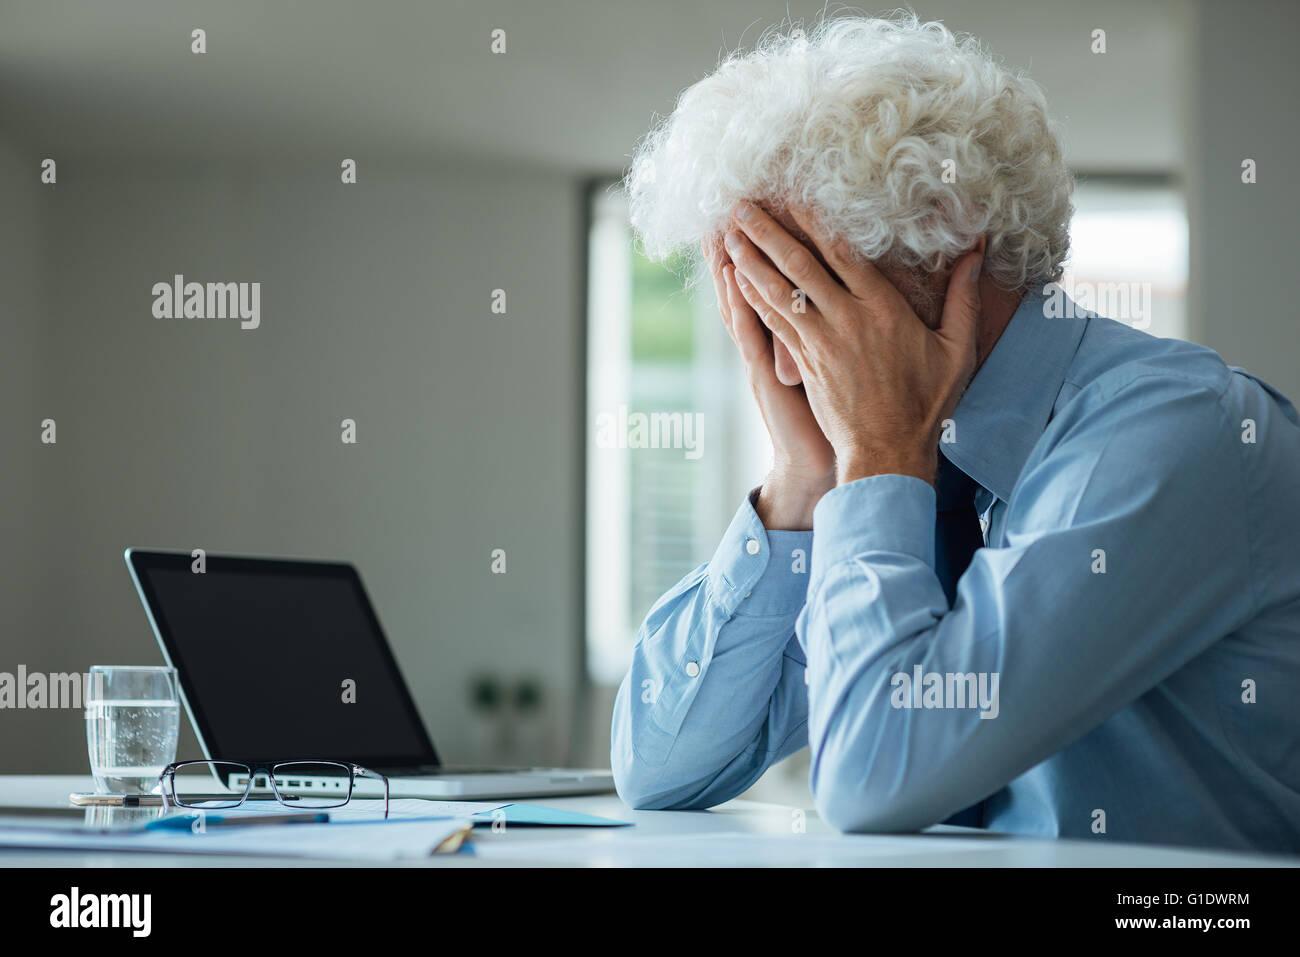 Agotado el empresario con la cabeza entre las manos, sentado en la oficina, el fracaso y la depresión concepto Imagen De Stock